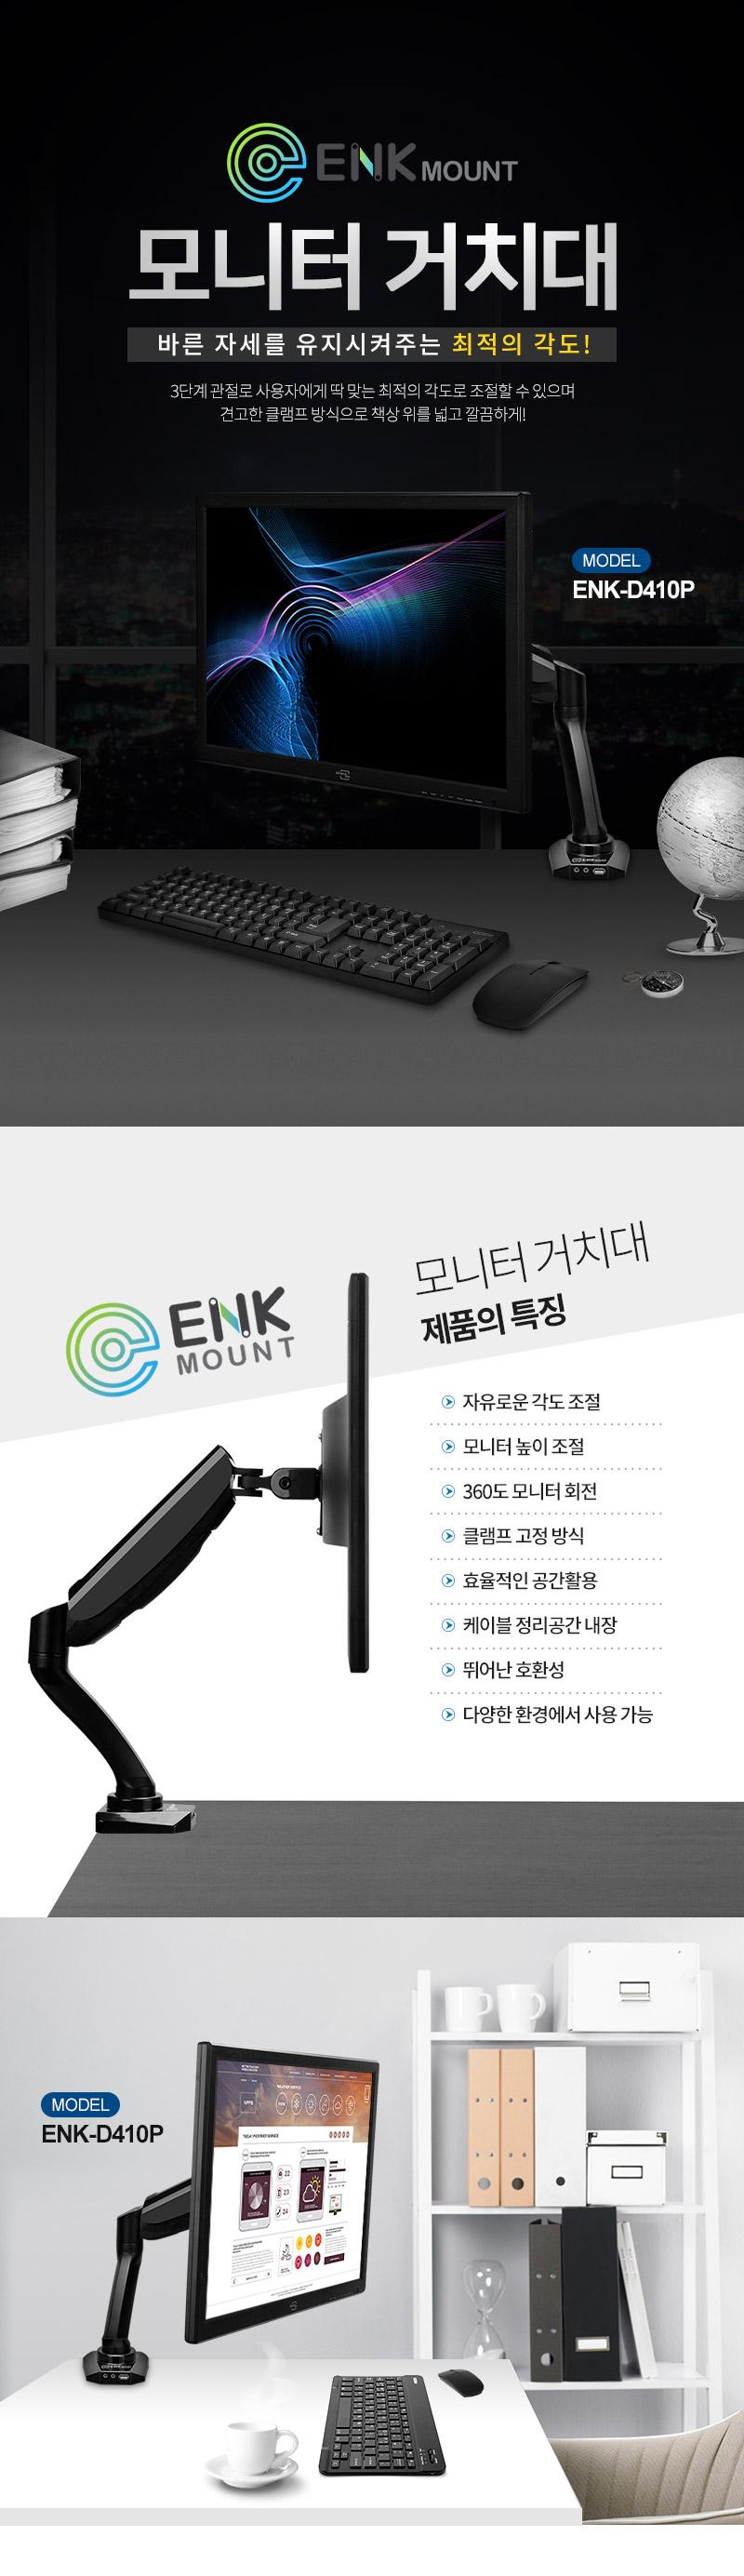 ENK-D410P_01.jpg